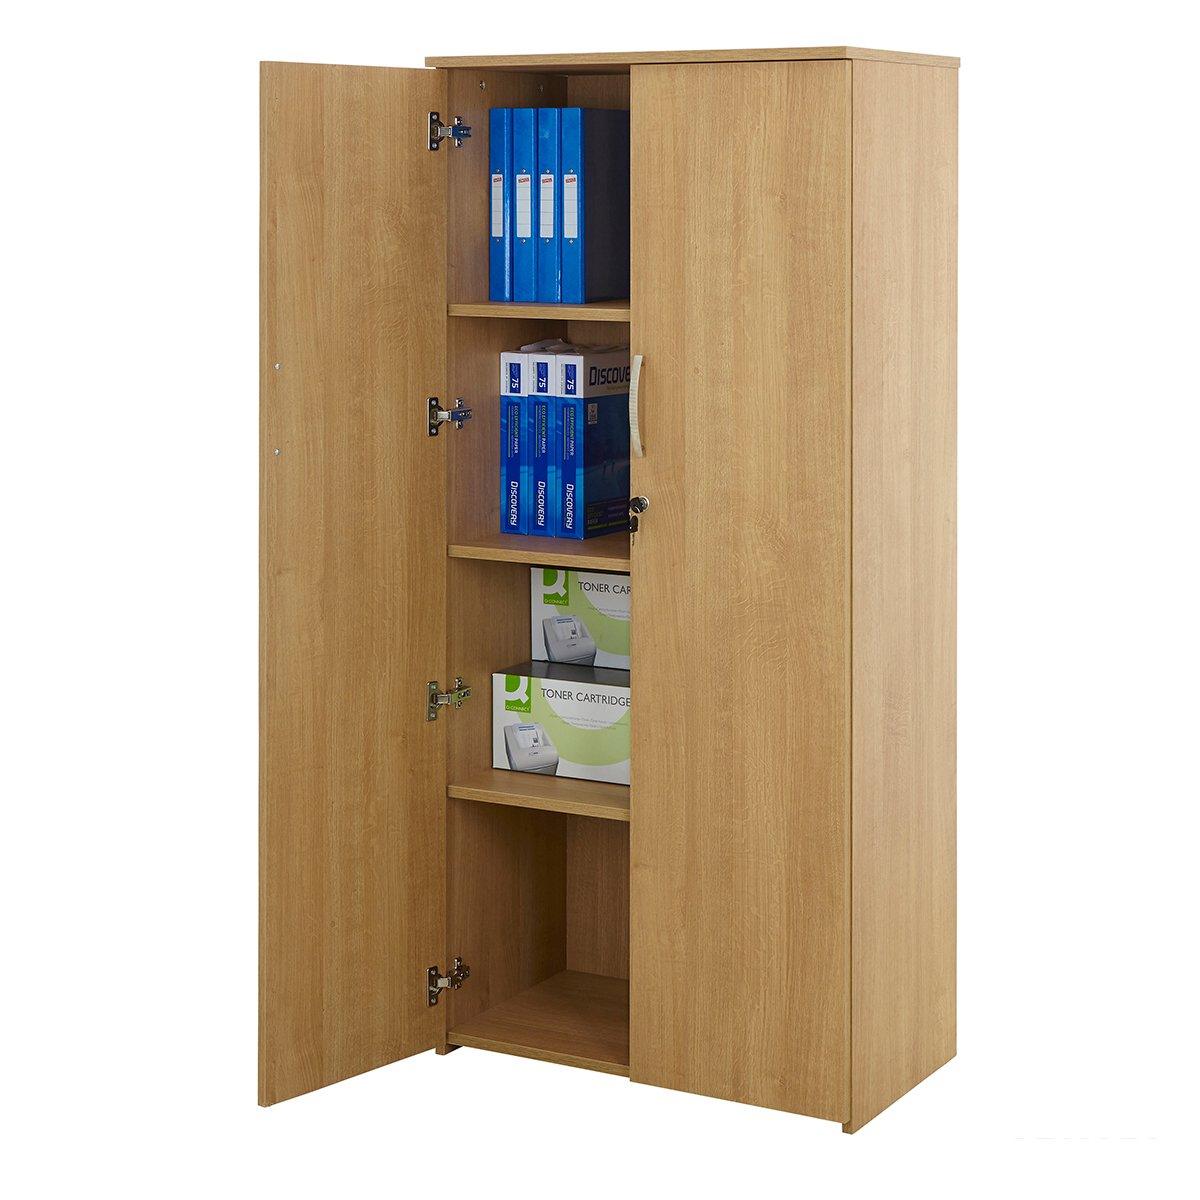 Beech Or Oak Office Cupboard Storage Lockable Cabinet Home Filing ...